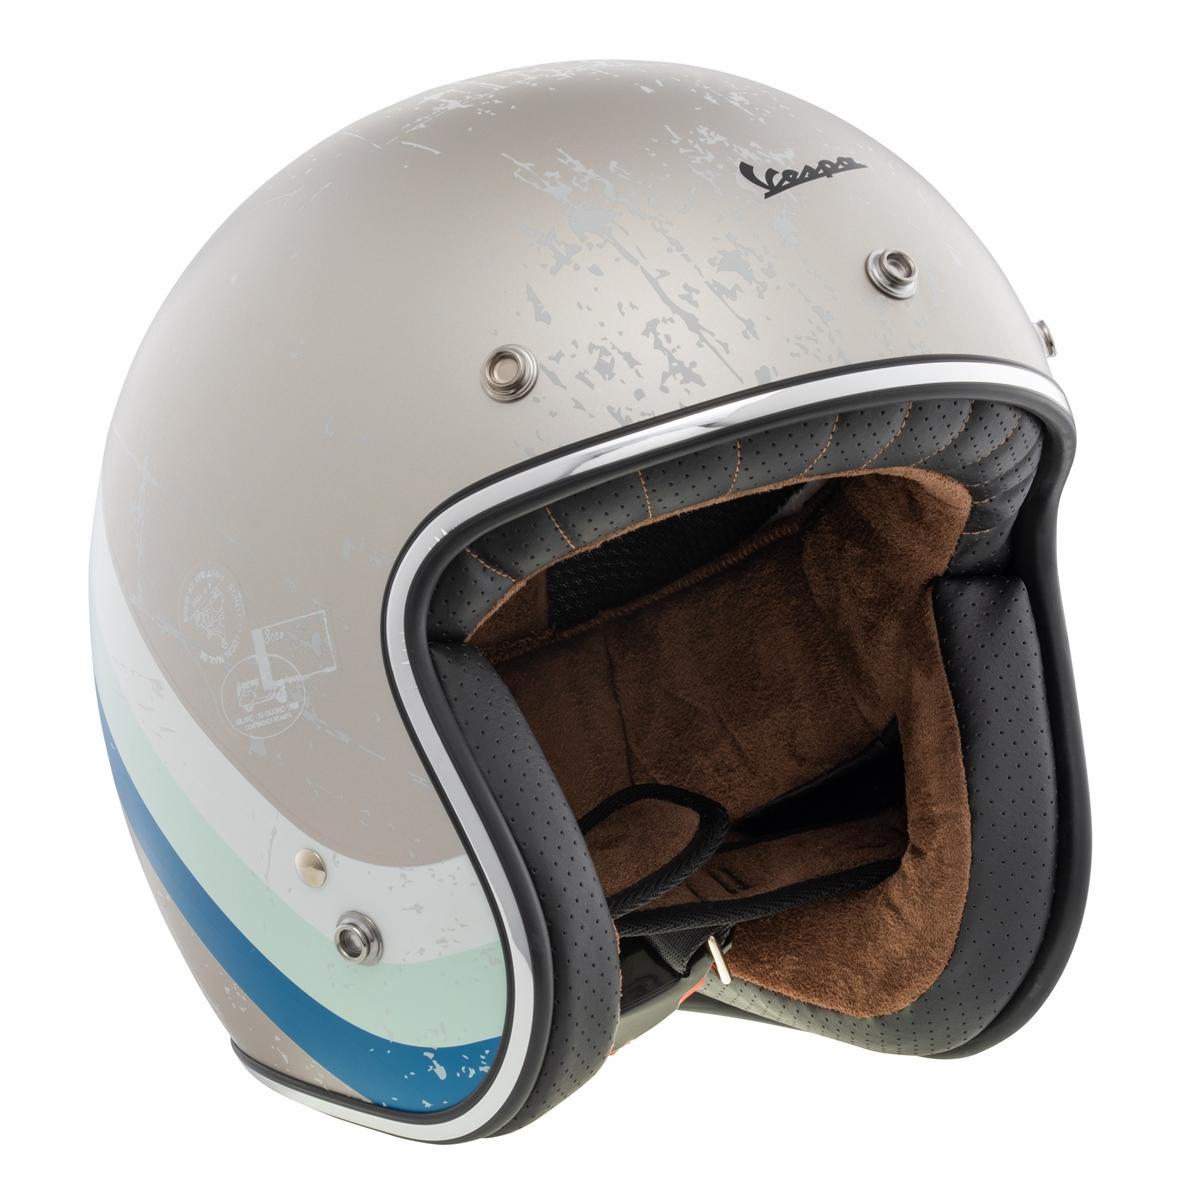 Helmet Piaggio Vespa Heritage Sip Scootershop